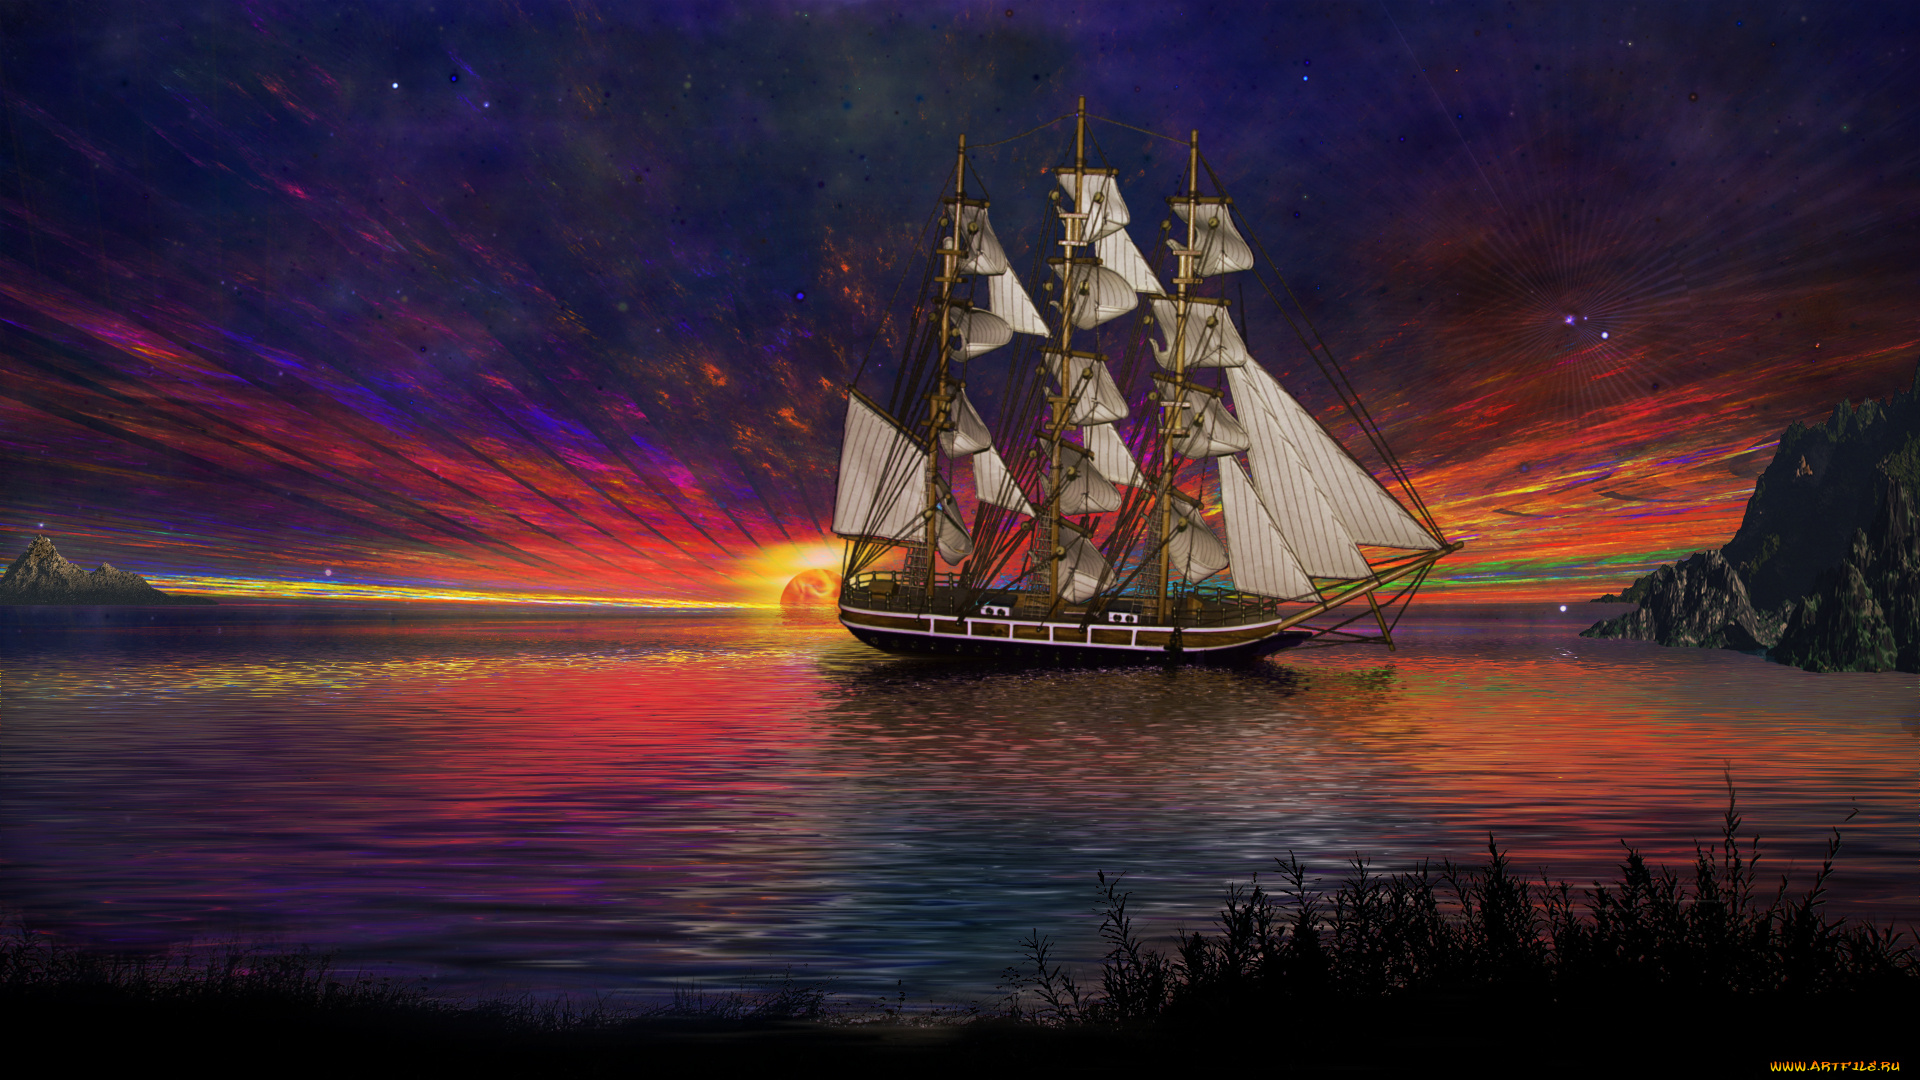 Санкт-Петербург корабль закат в хорошем качестве